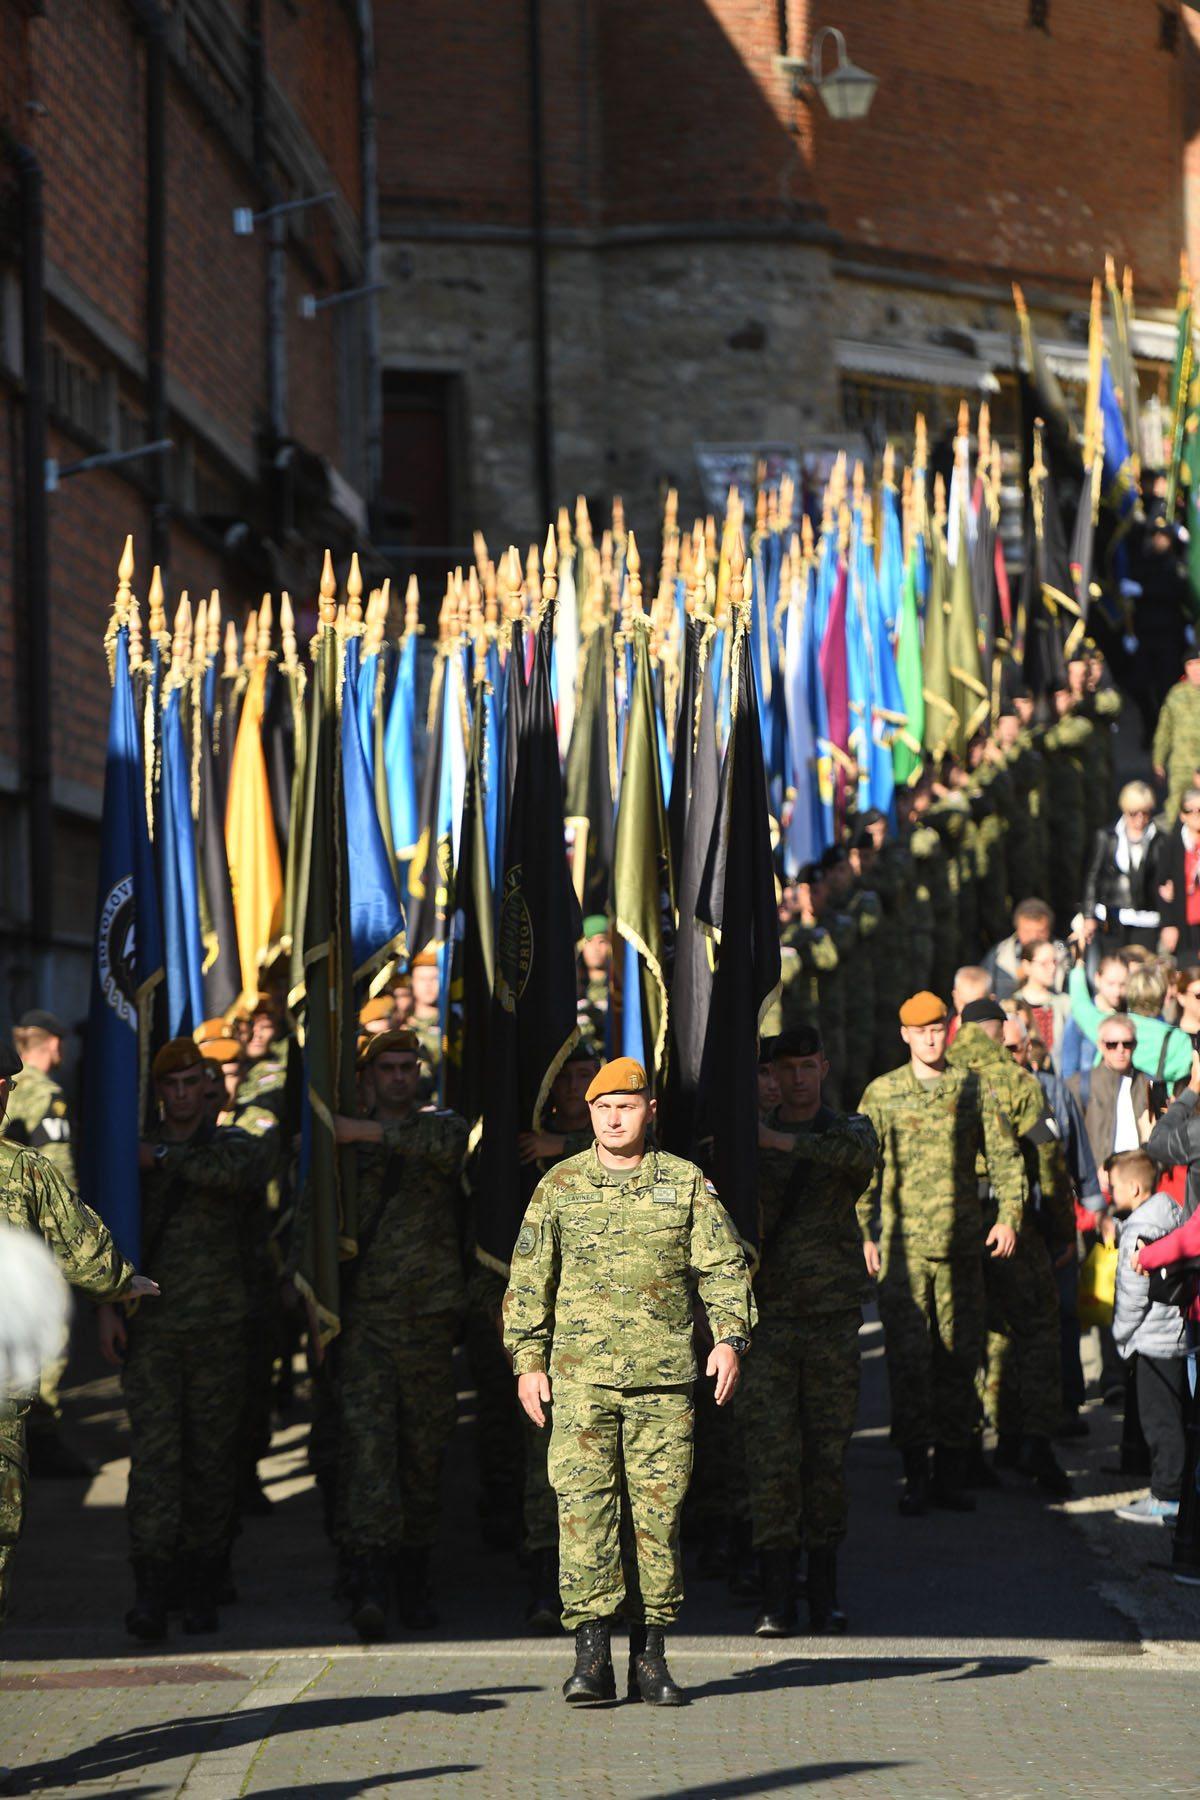 Održano 27. hodočašće Hrvatske vojske, policije i branitelja u Mariju Bistricu